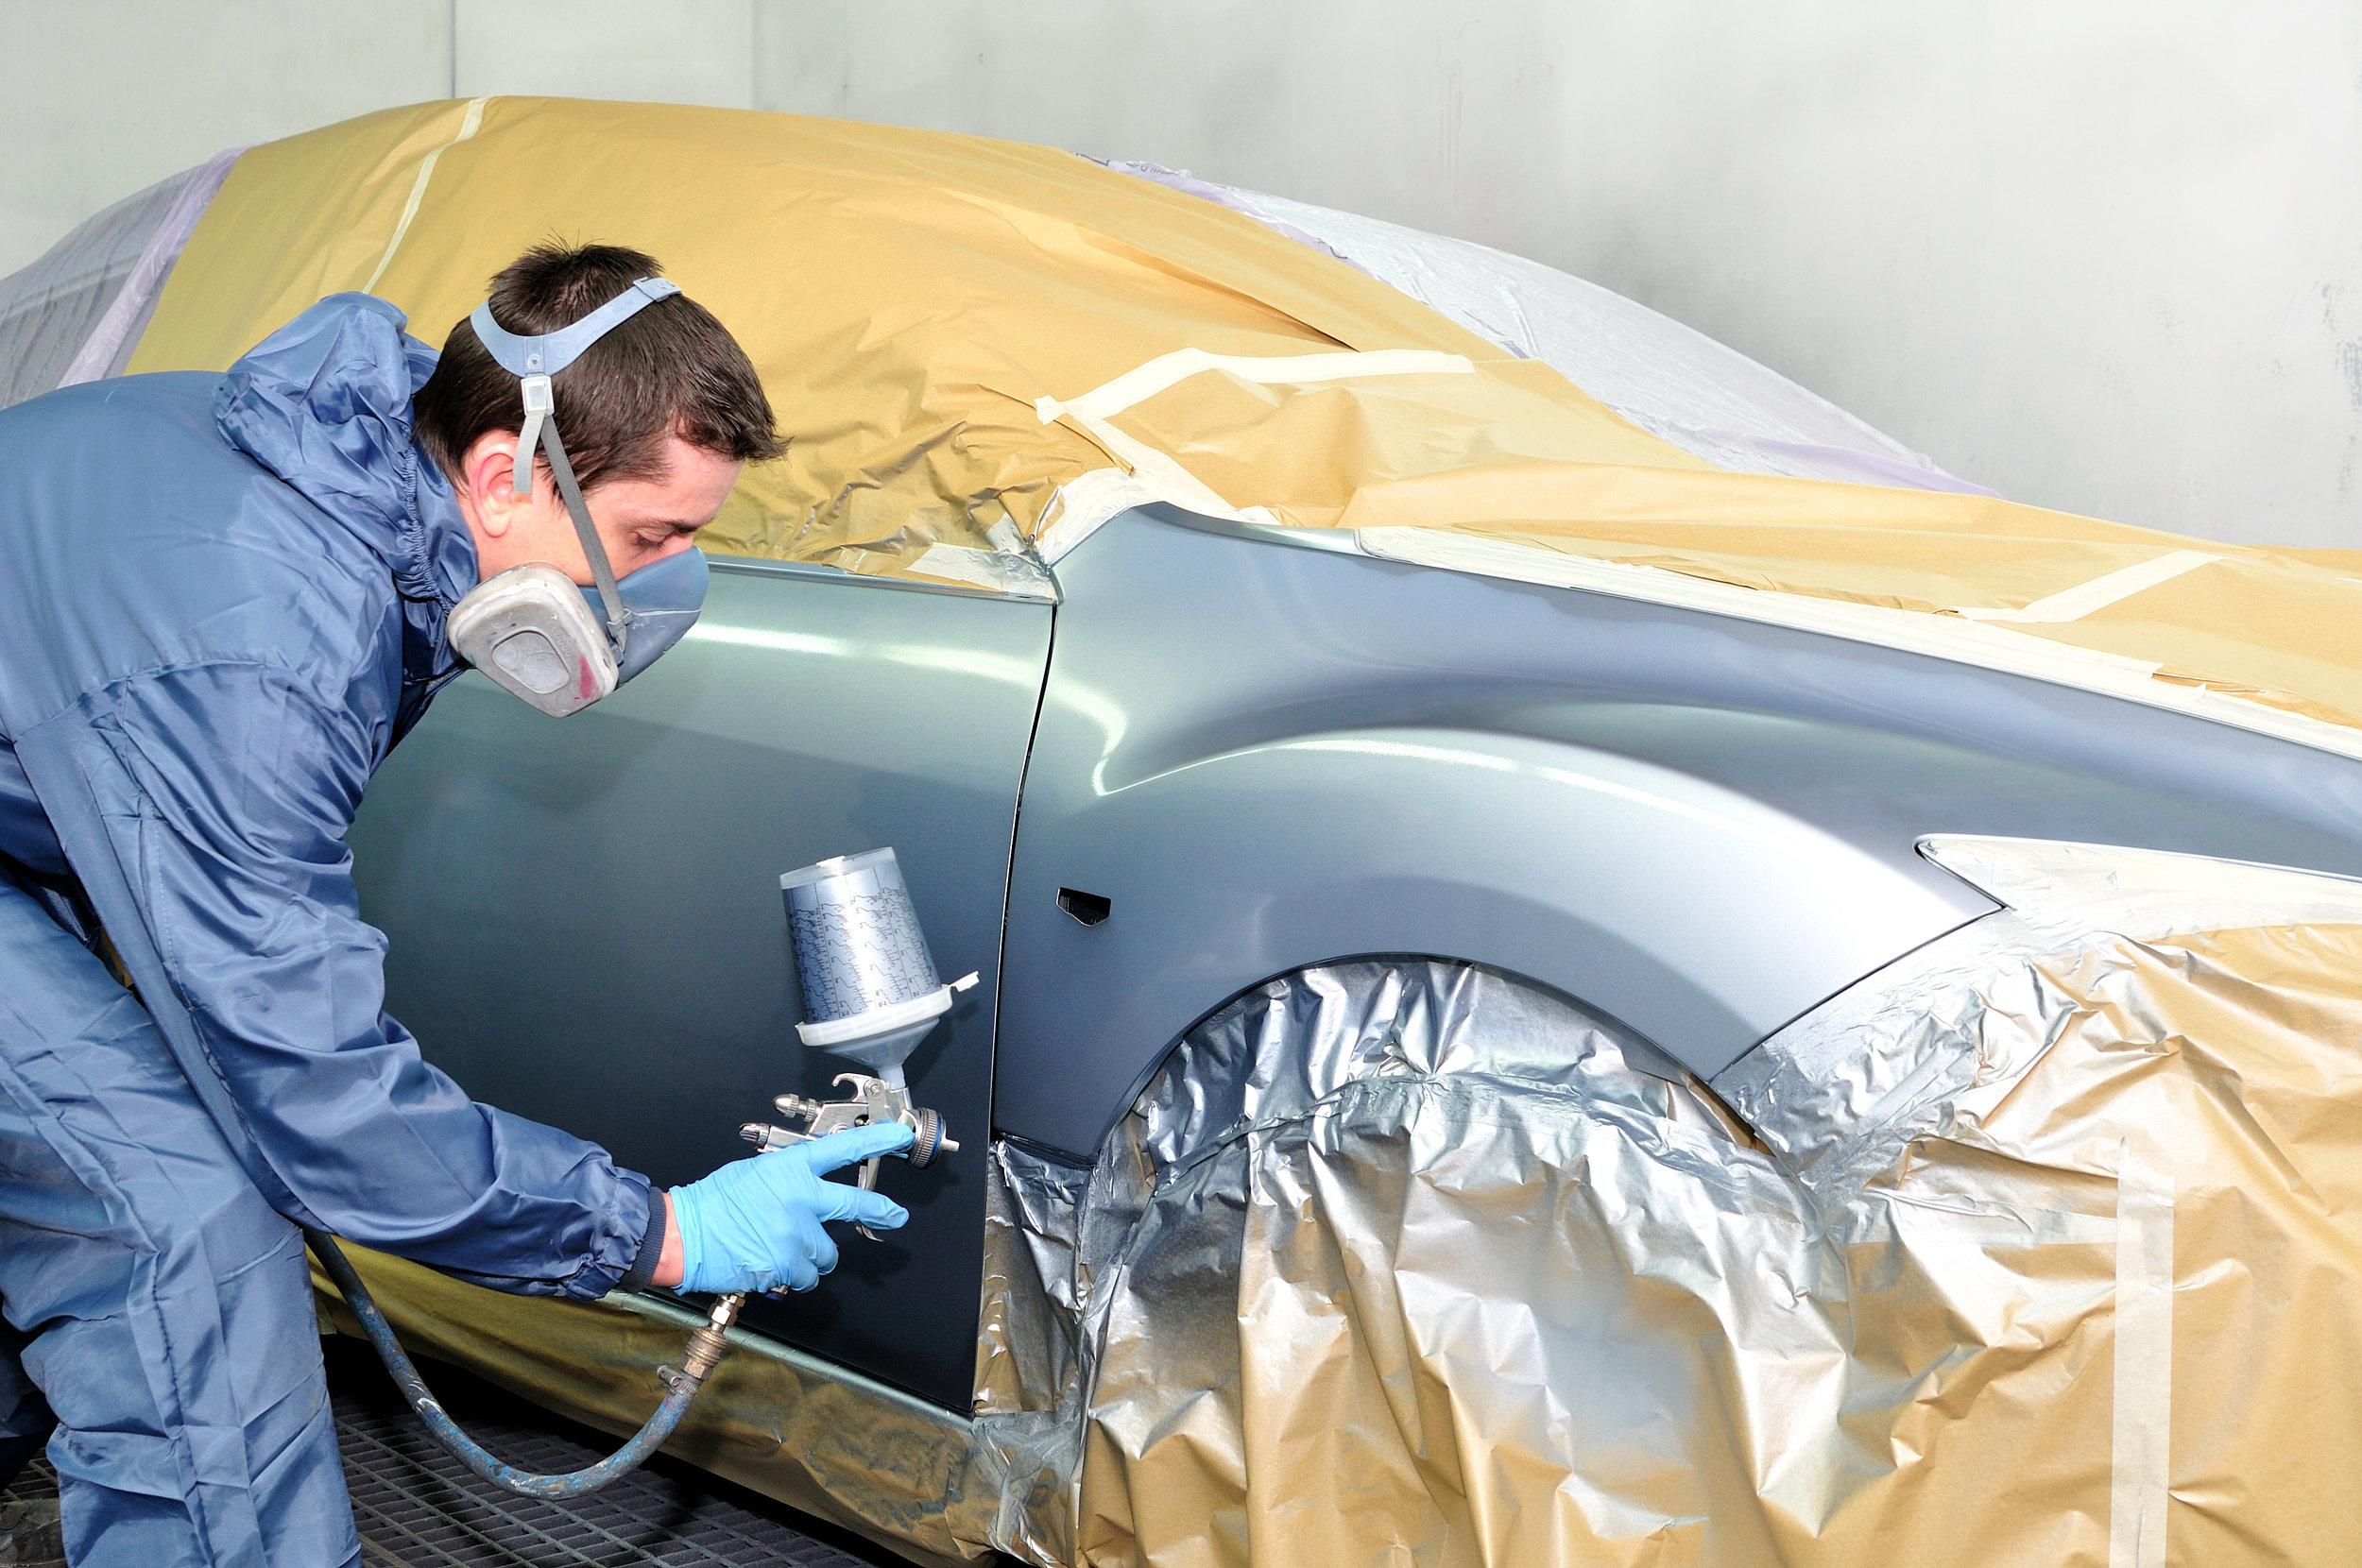 Auto Body Repair & Restoration